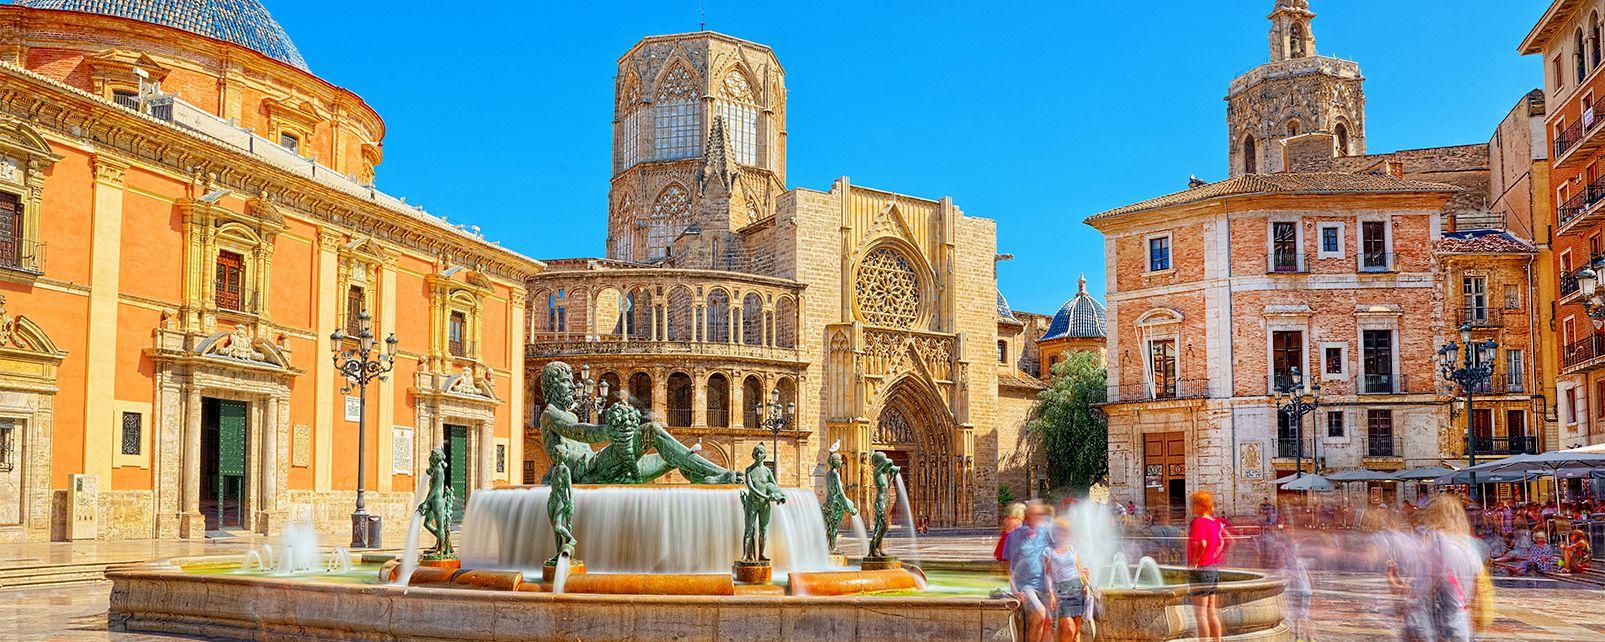 La séance du Tribunal des Eaux, Les arts et la culture, Communauté de Valence